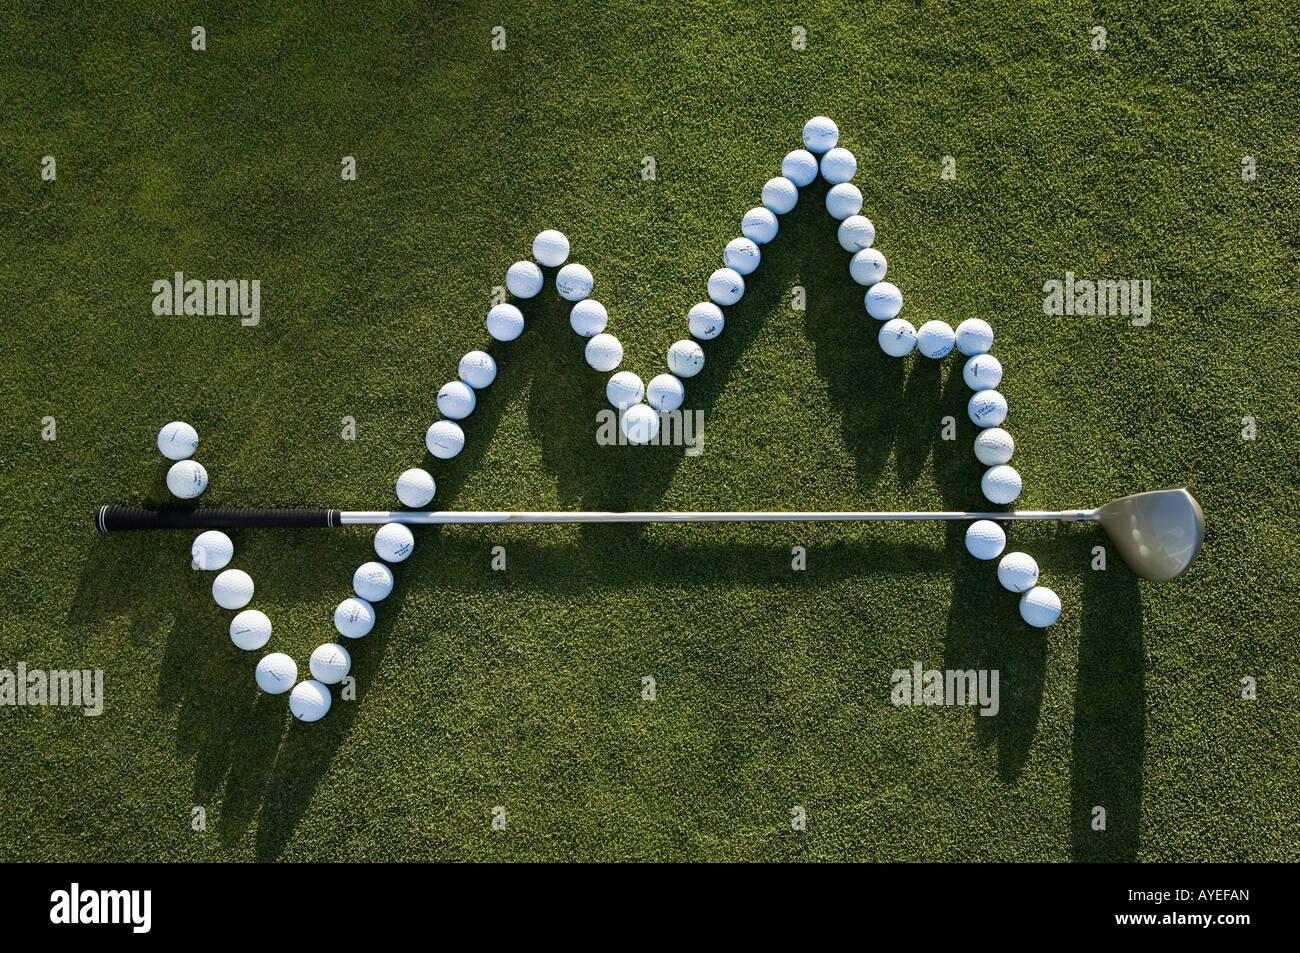 Une balle de golf et un club de golf faire un graphique Photo Stock